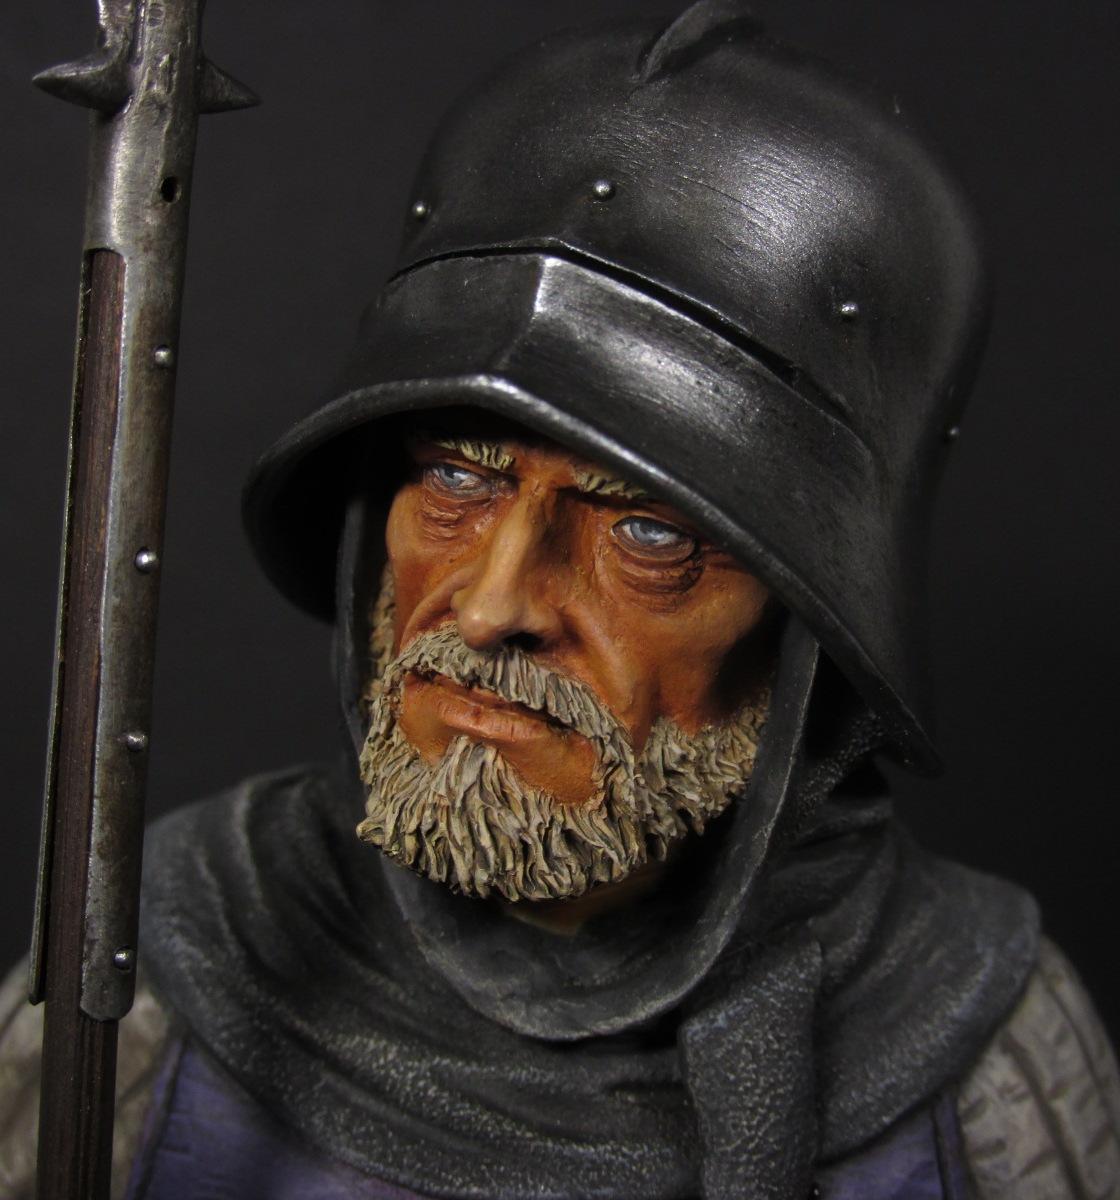 Figures: Veteran, photo #14